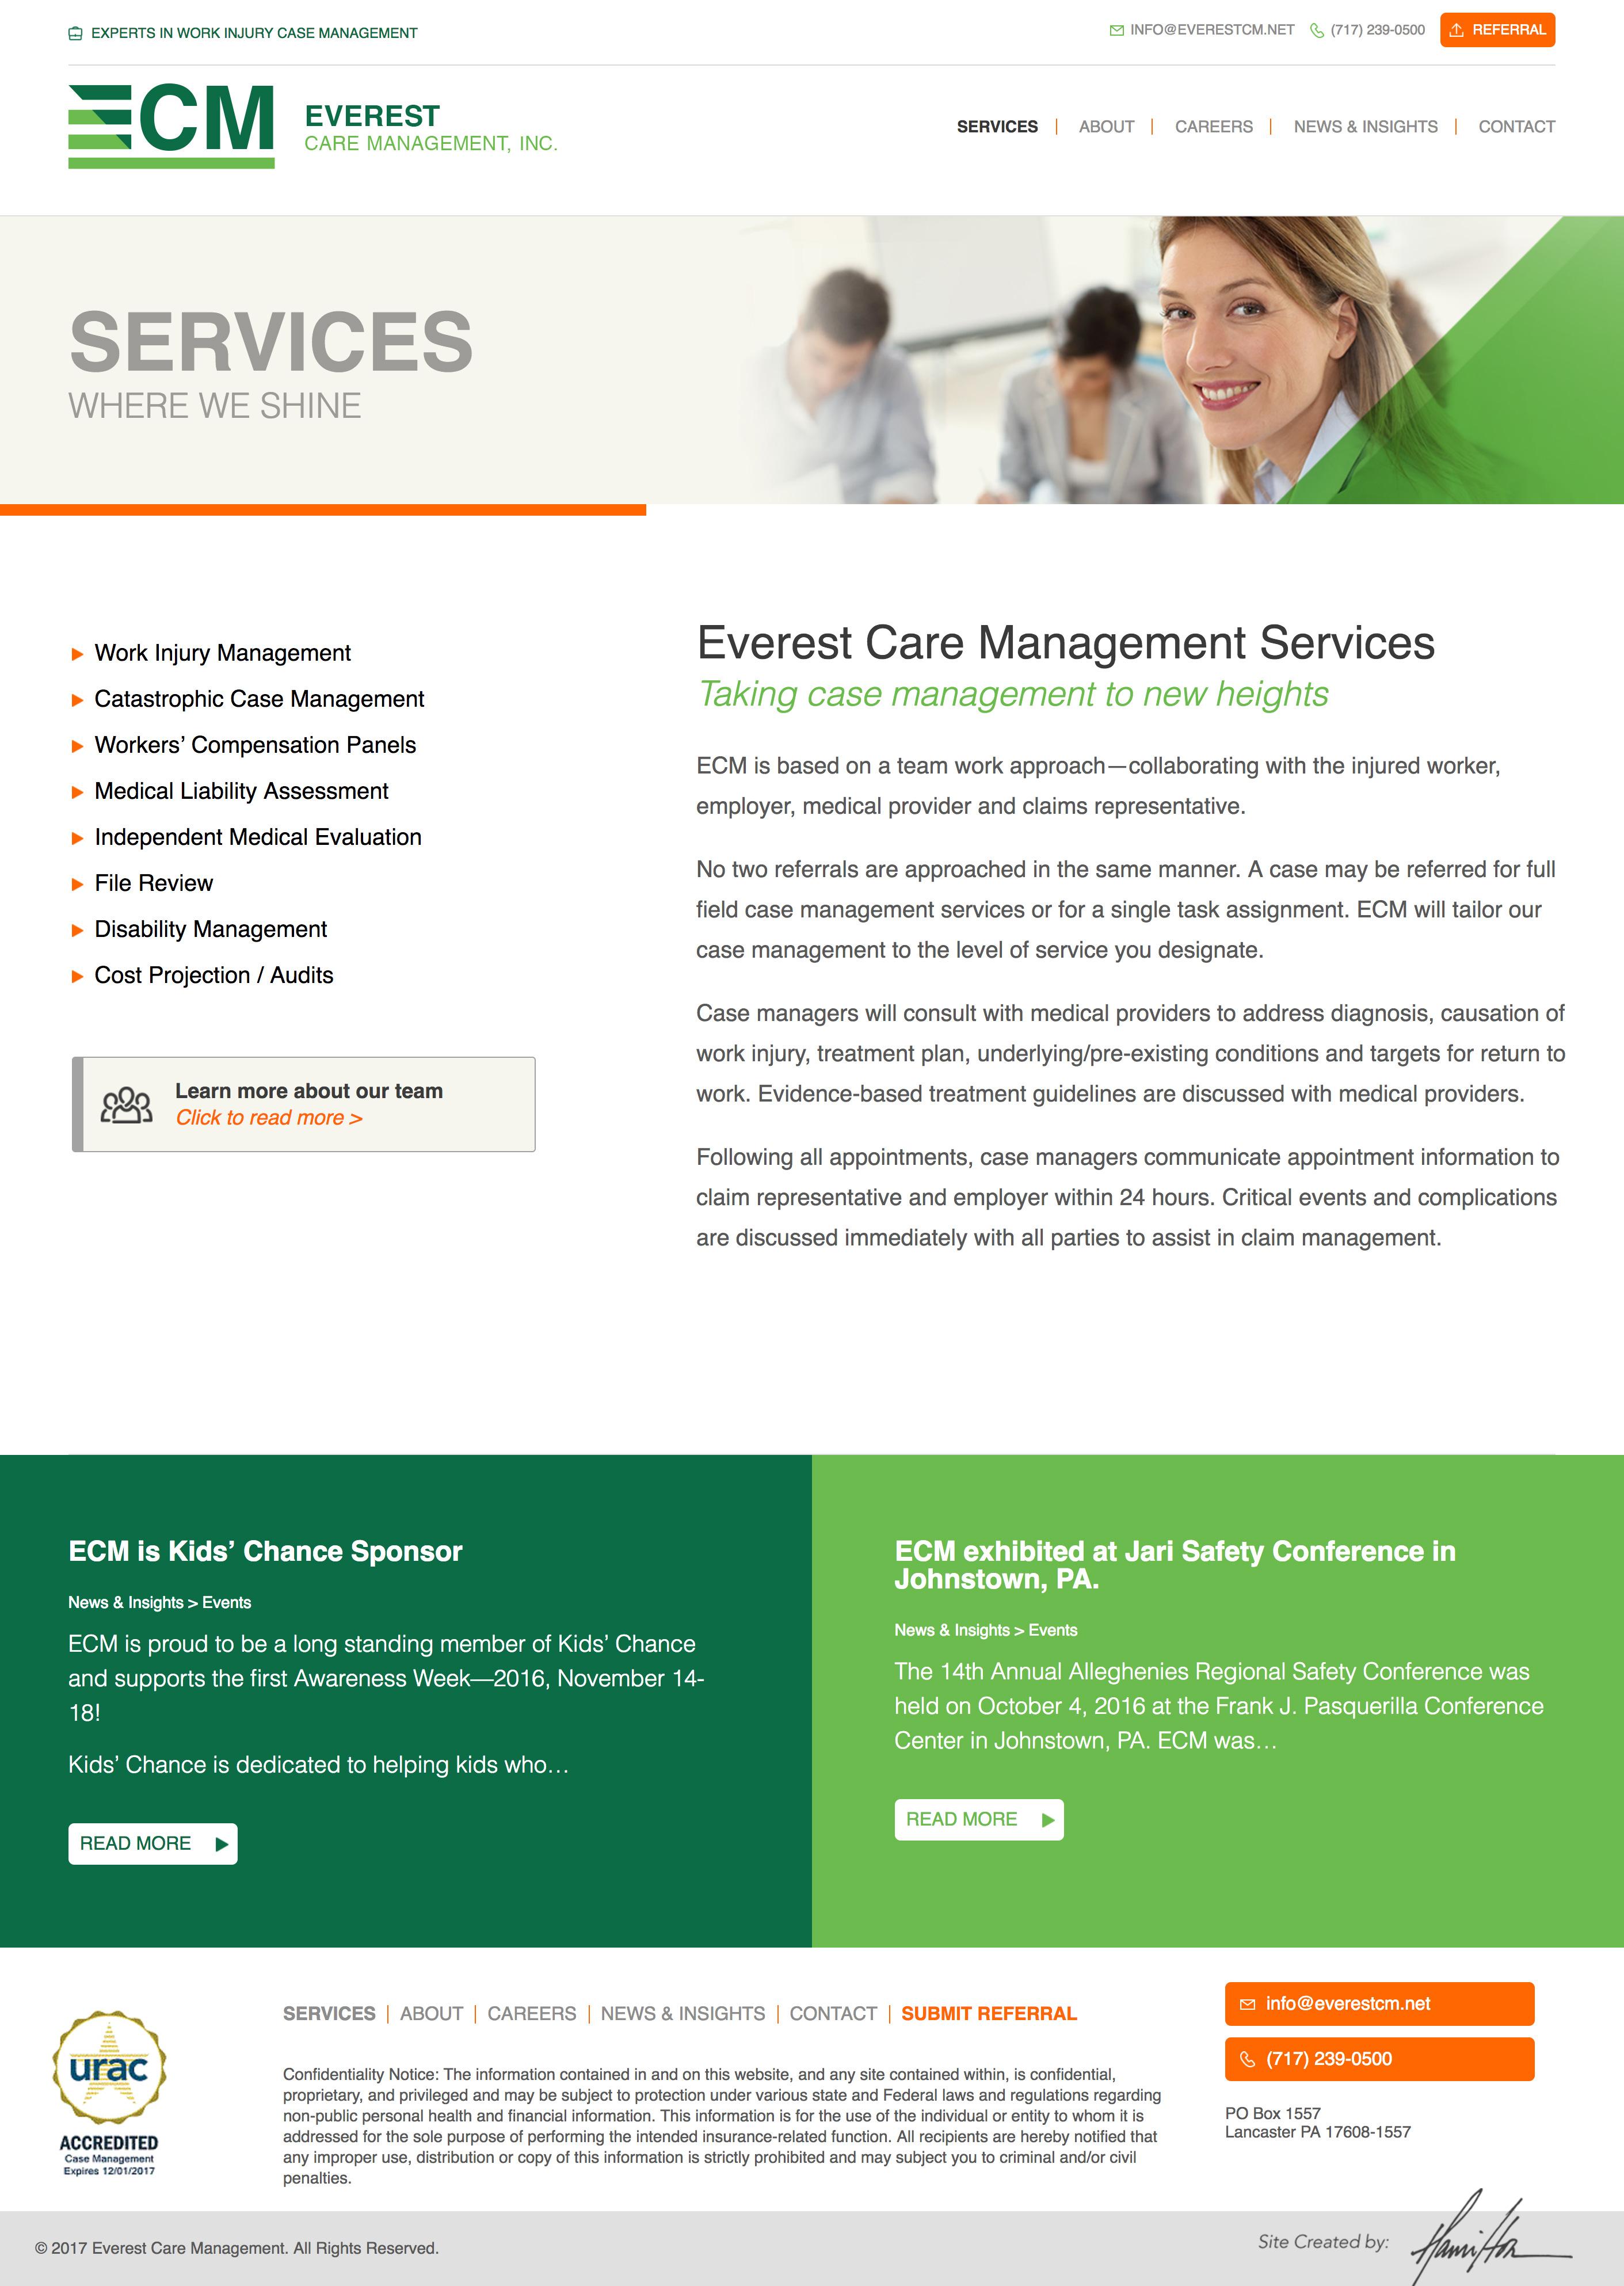 ECM - Services